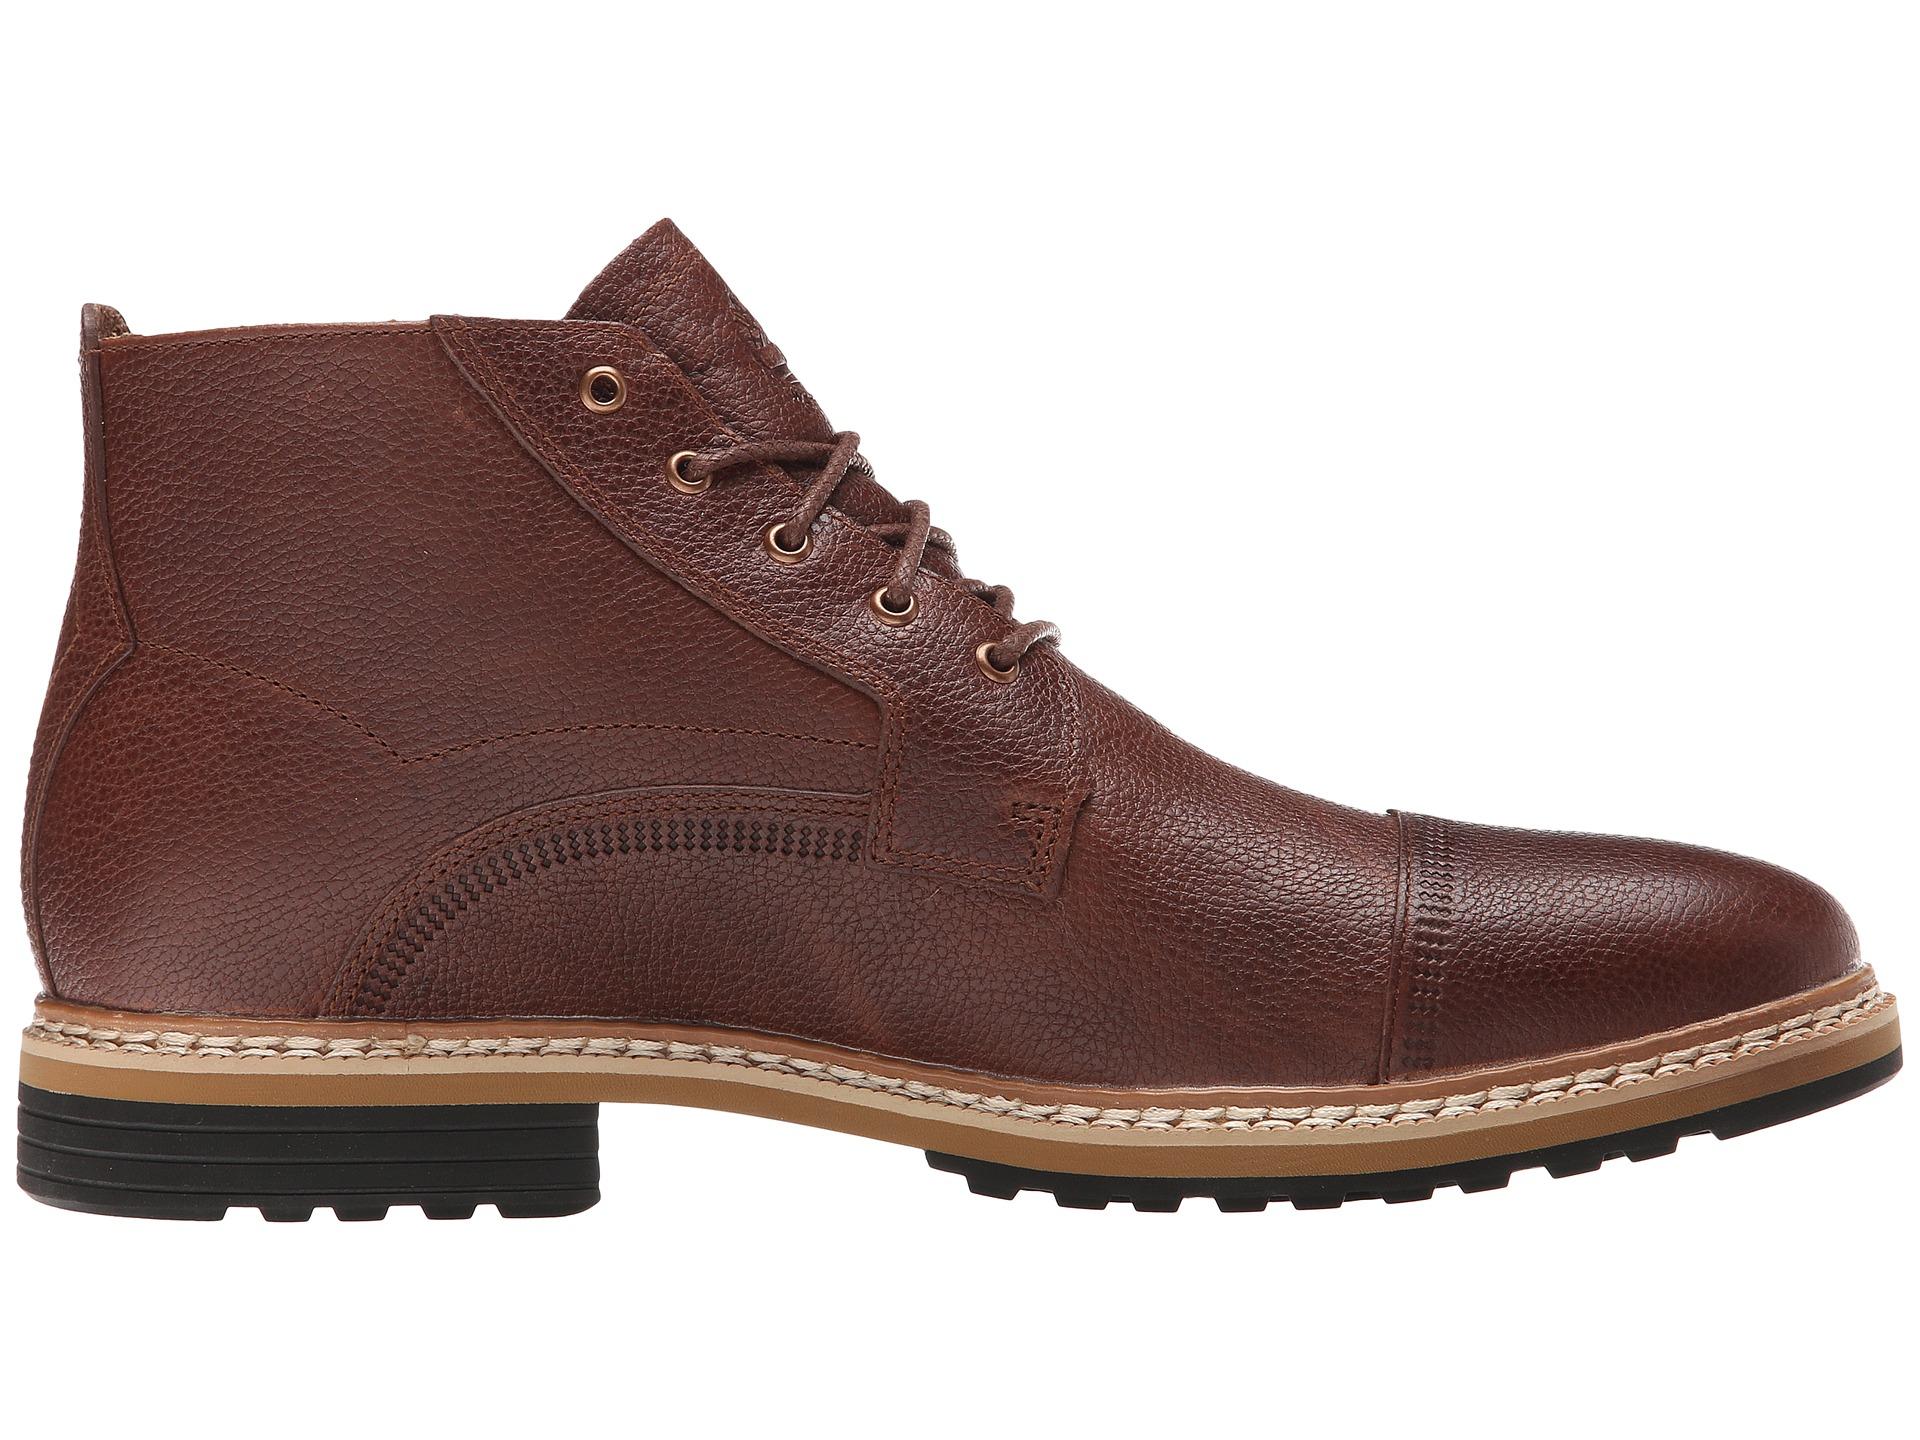 รองเท้าหนัง Timberlands Men's West Haven Waterproof Chukka พร้อมกล่อง